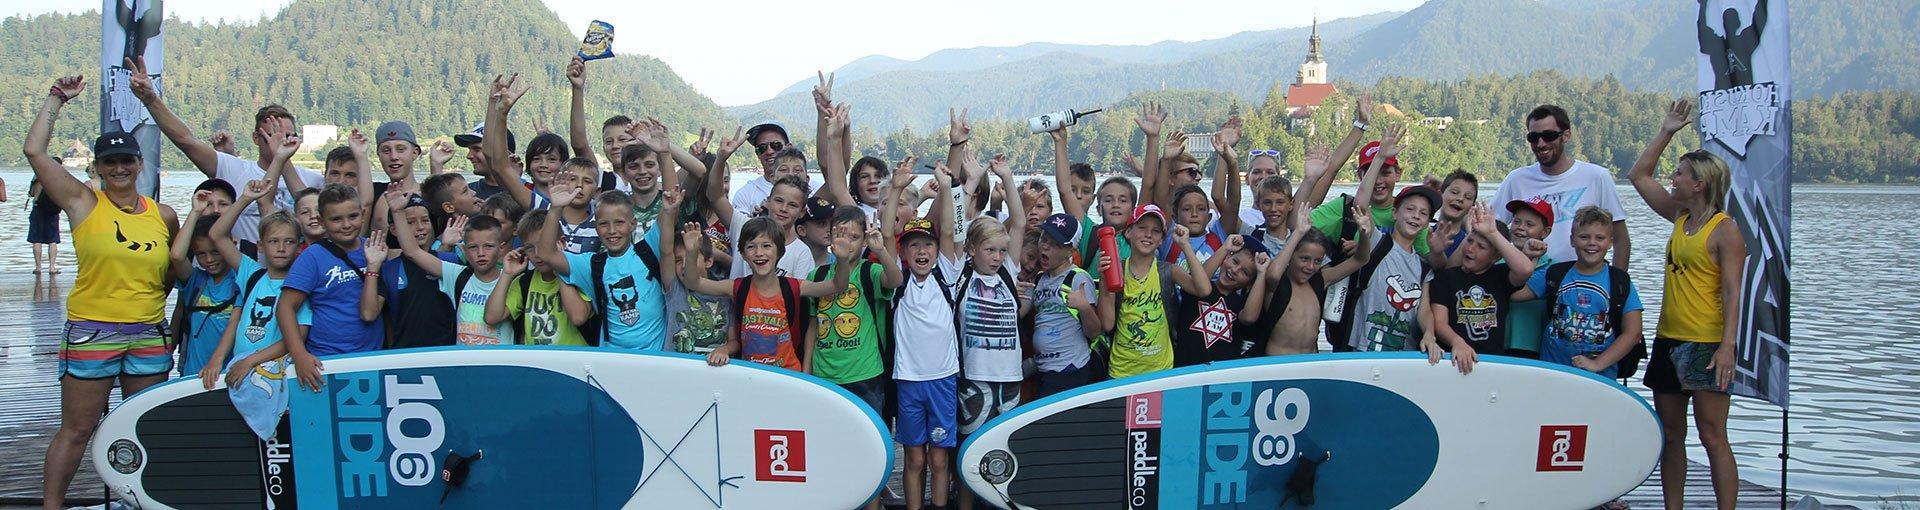 Veseli otroci po zaključenem suparskem kempu